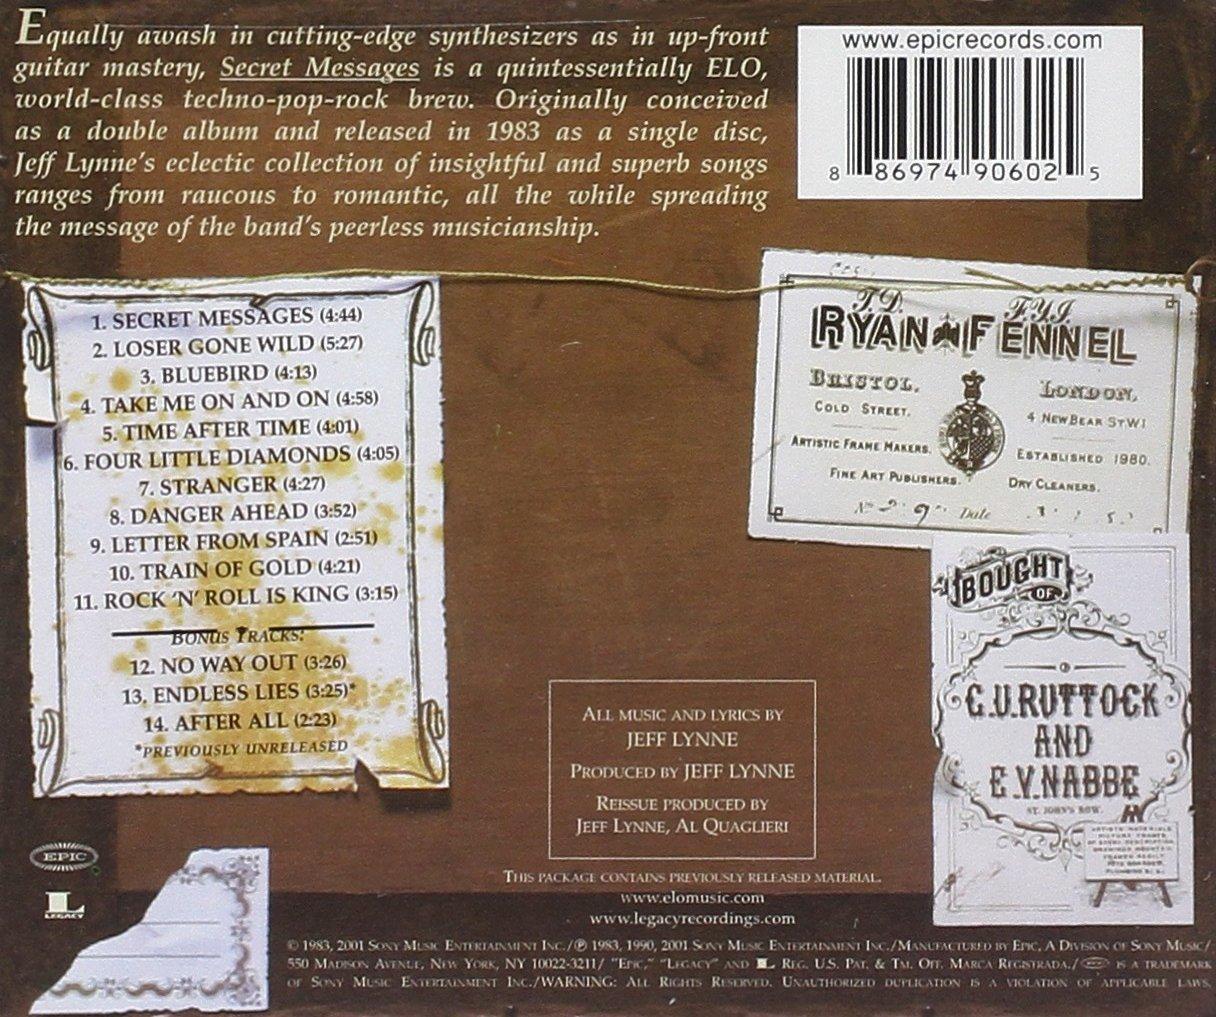 Electric Light Orchestra - Secret Messages - Amazon.com Music